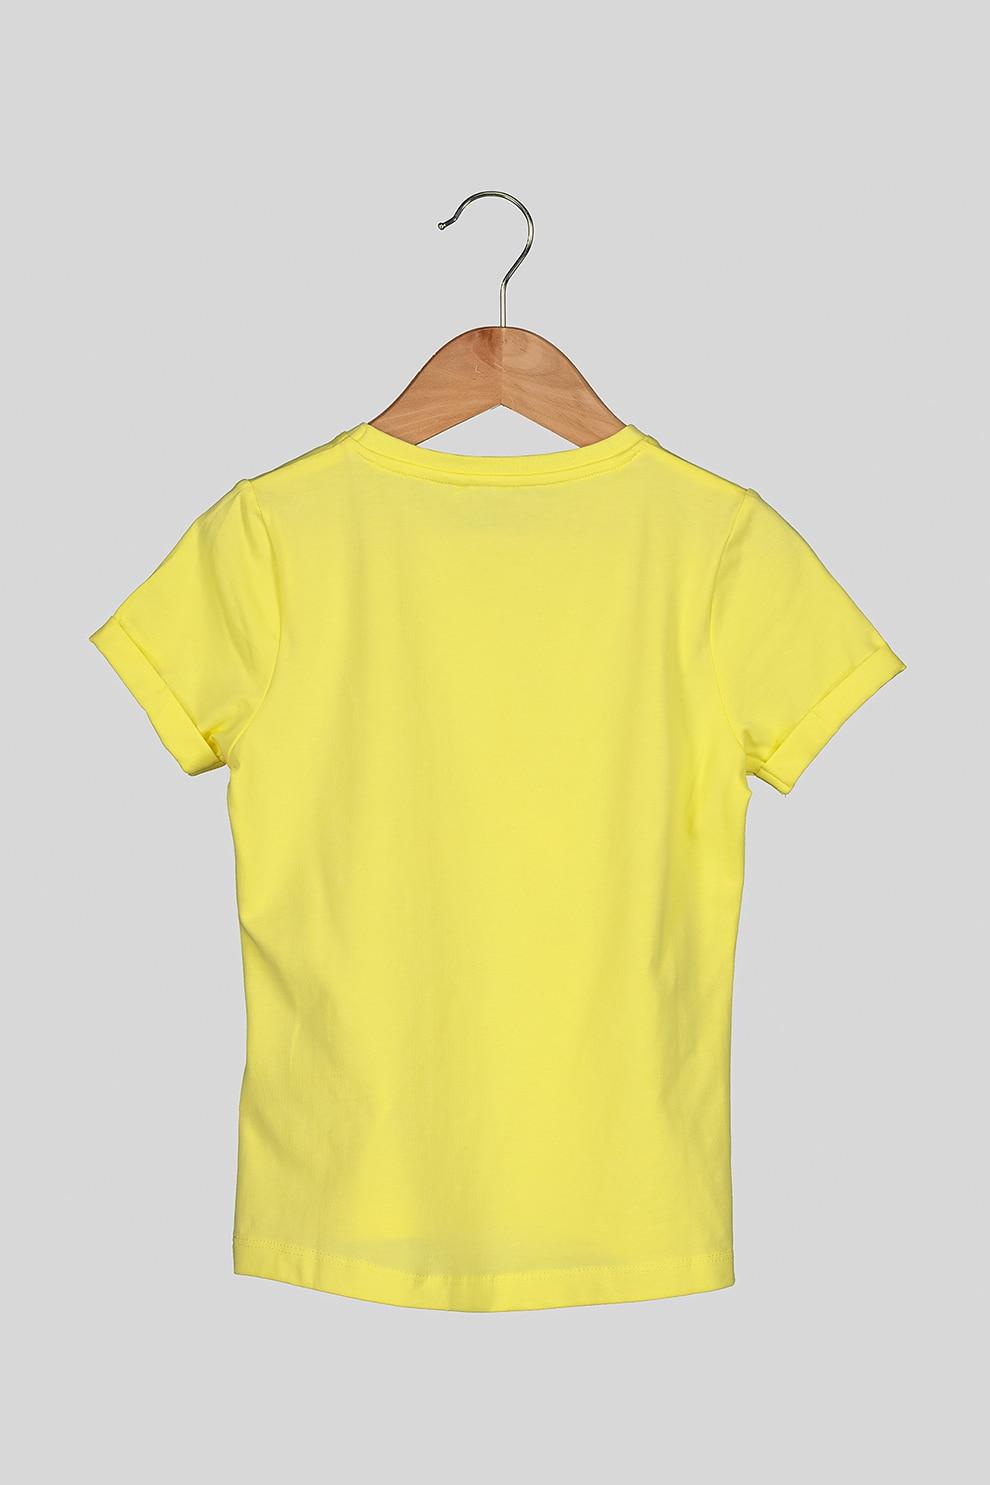 NAME IT, Kerek nyakú mintás póló, Sárga, 116 CM Standard eMAG.hu